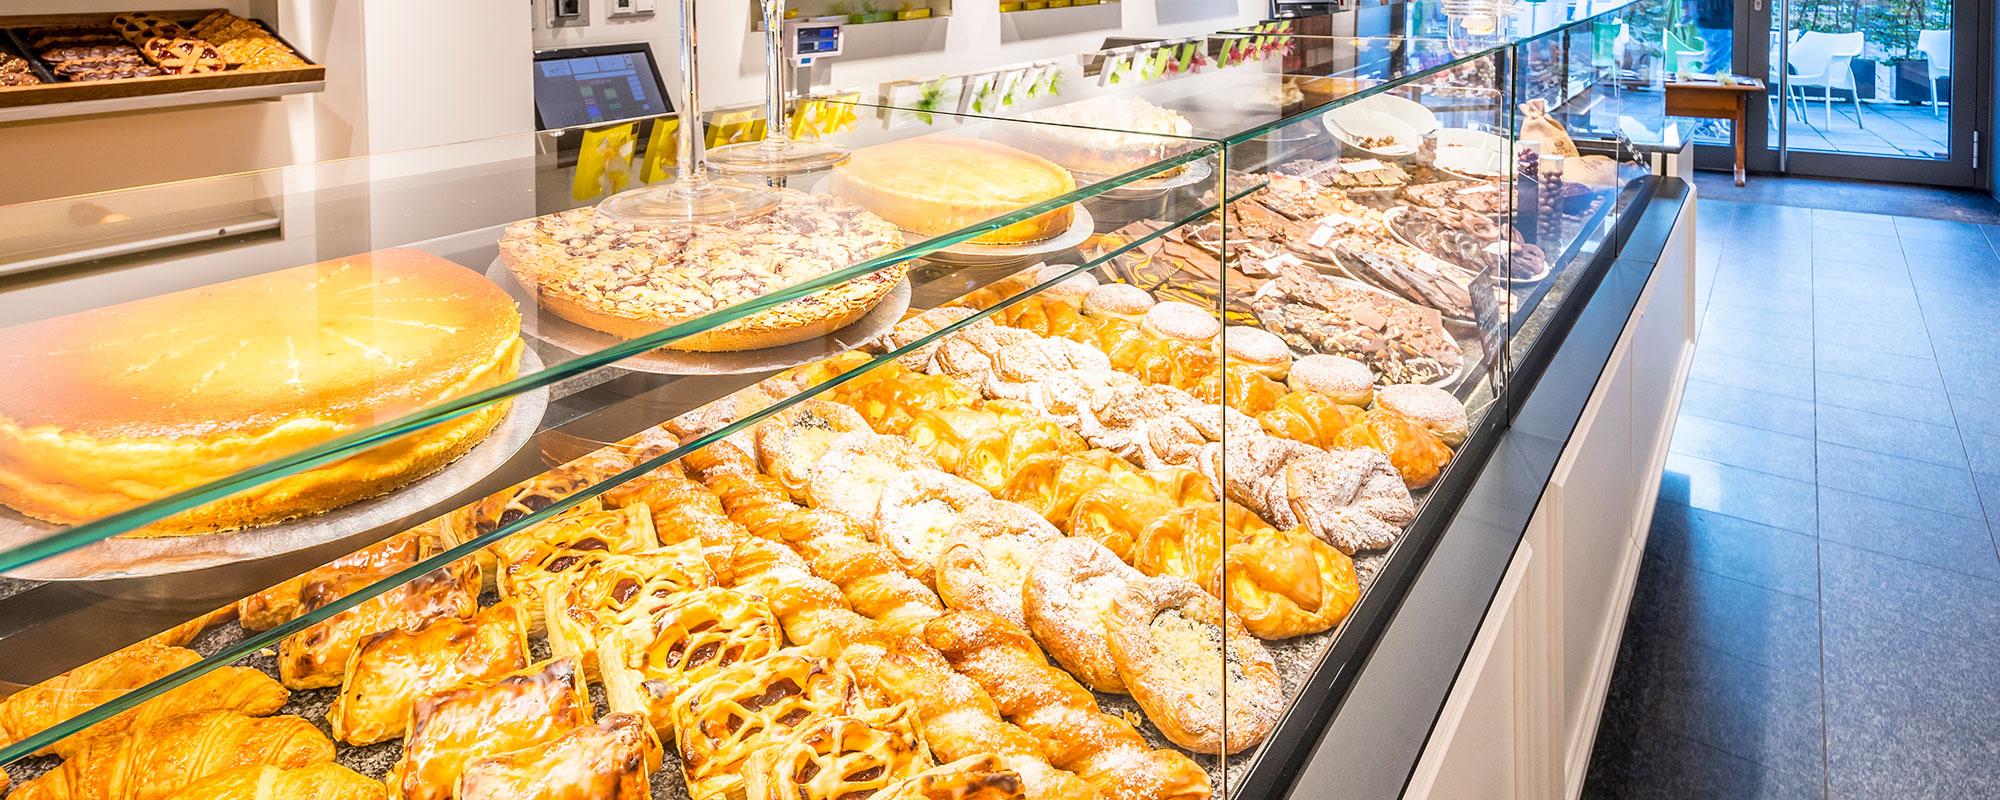 Cafe Wittl Neumarkt